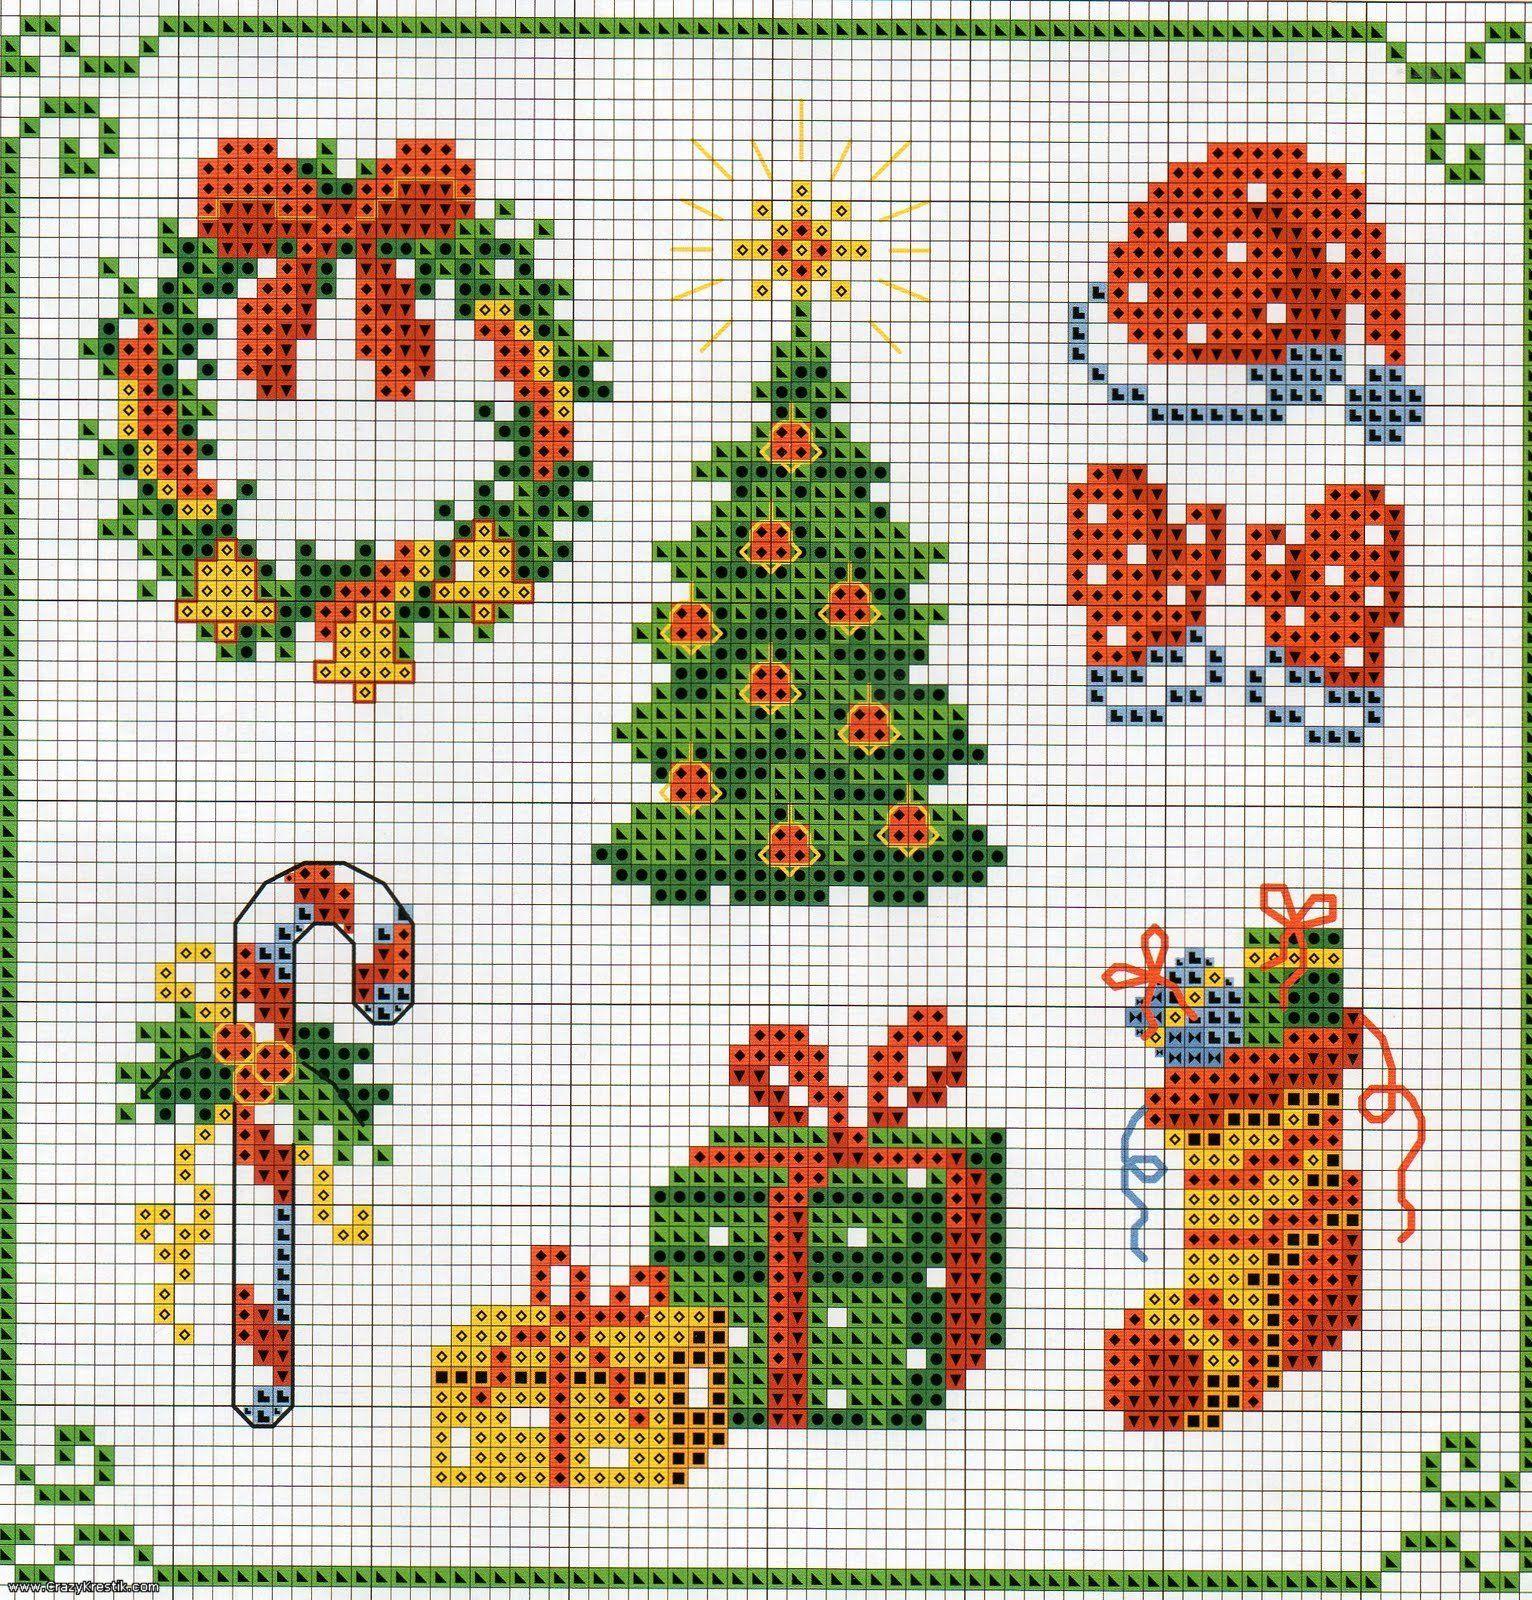 weihnachtsbilder sticken pinterest kreuzstich weihnachten kreuzstich und kreuze. Black Bedroom Furniture Sets. Home Design Ideas